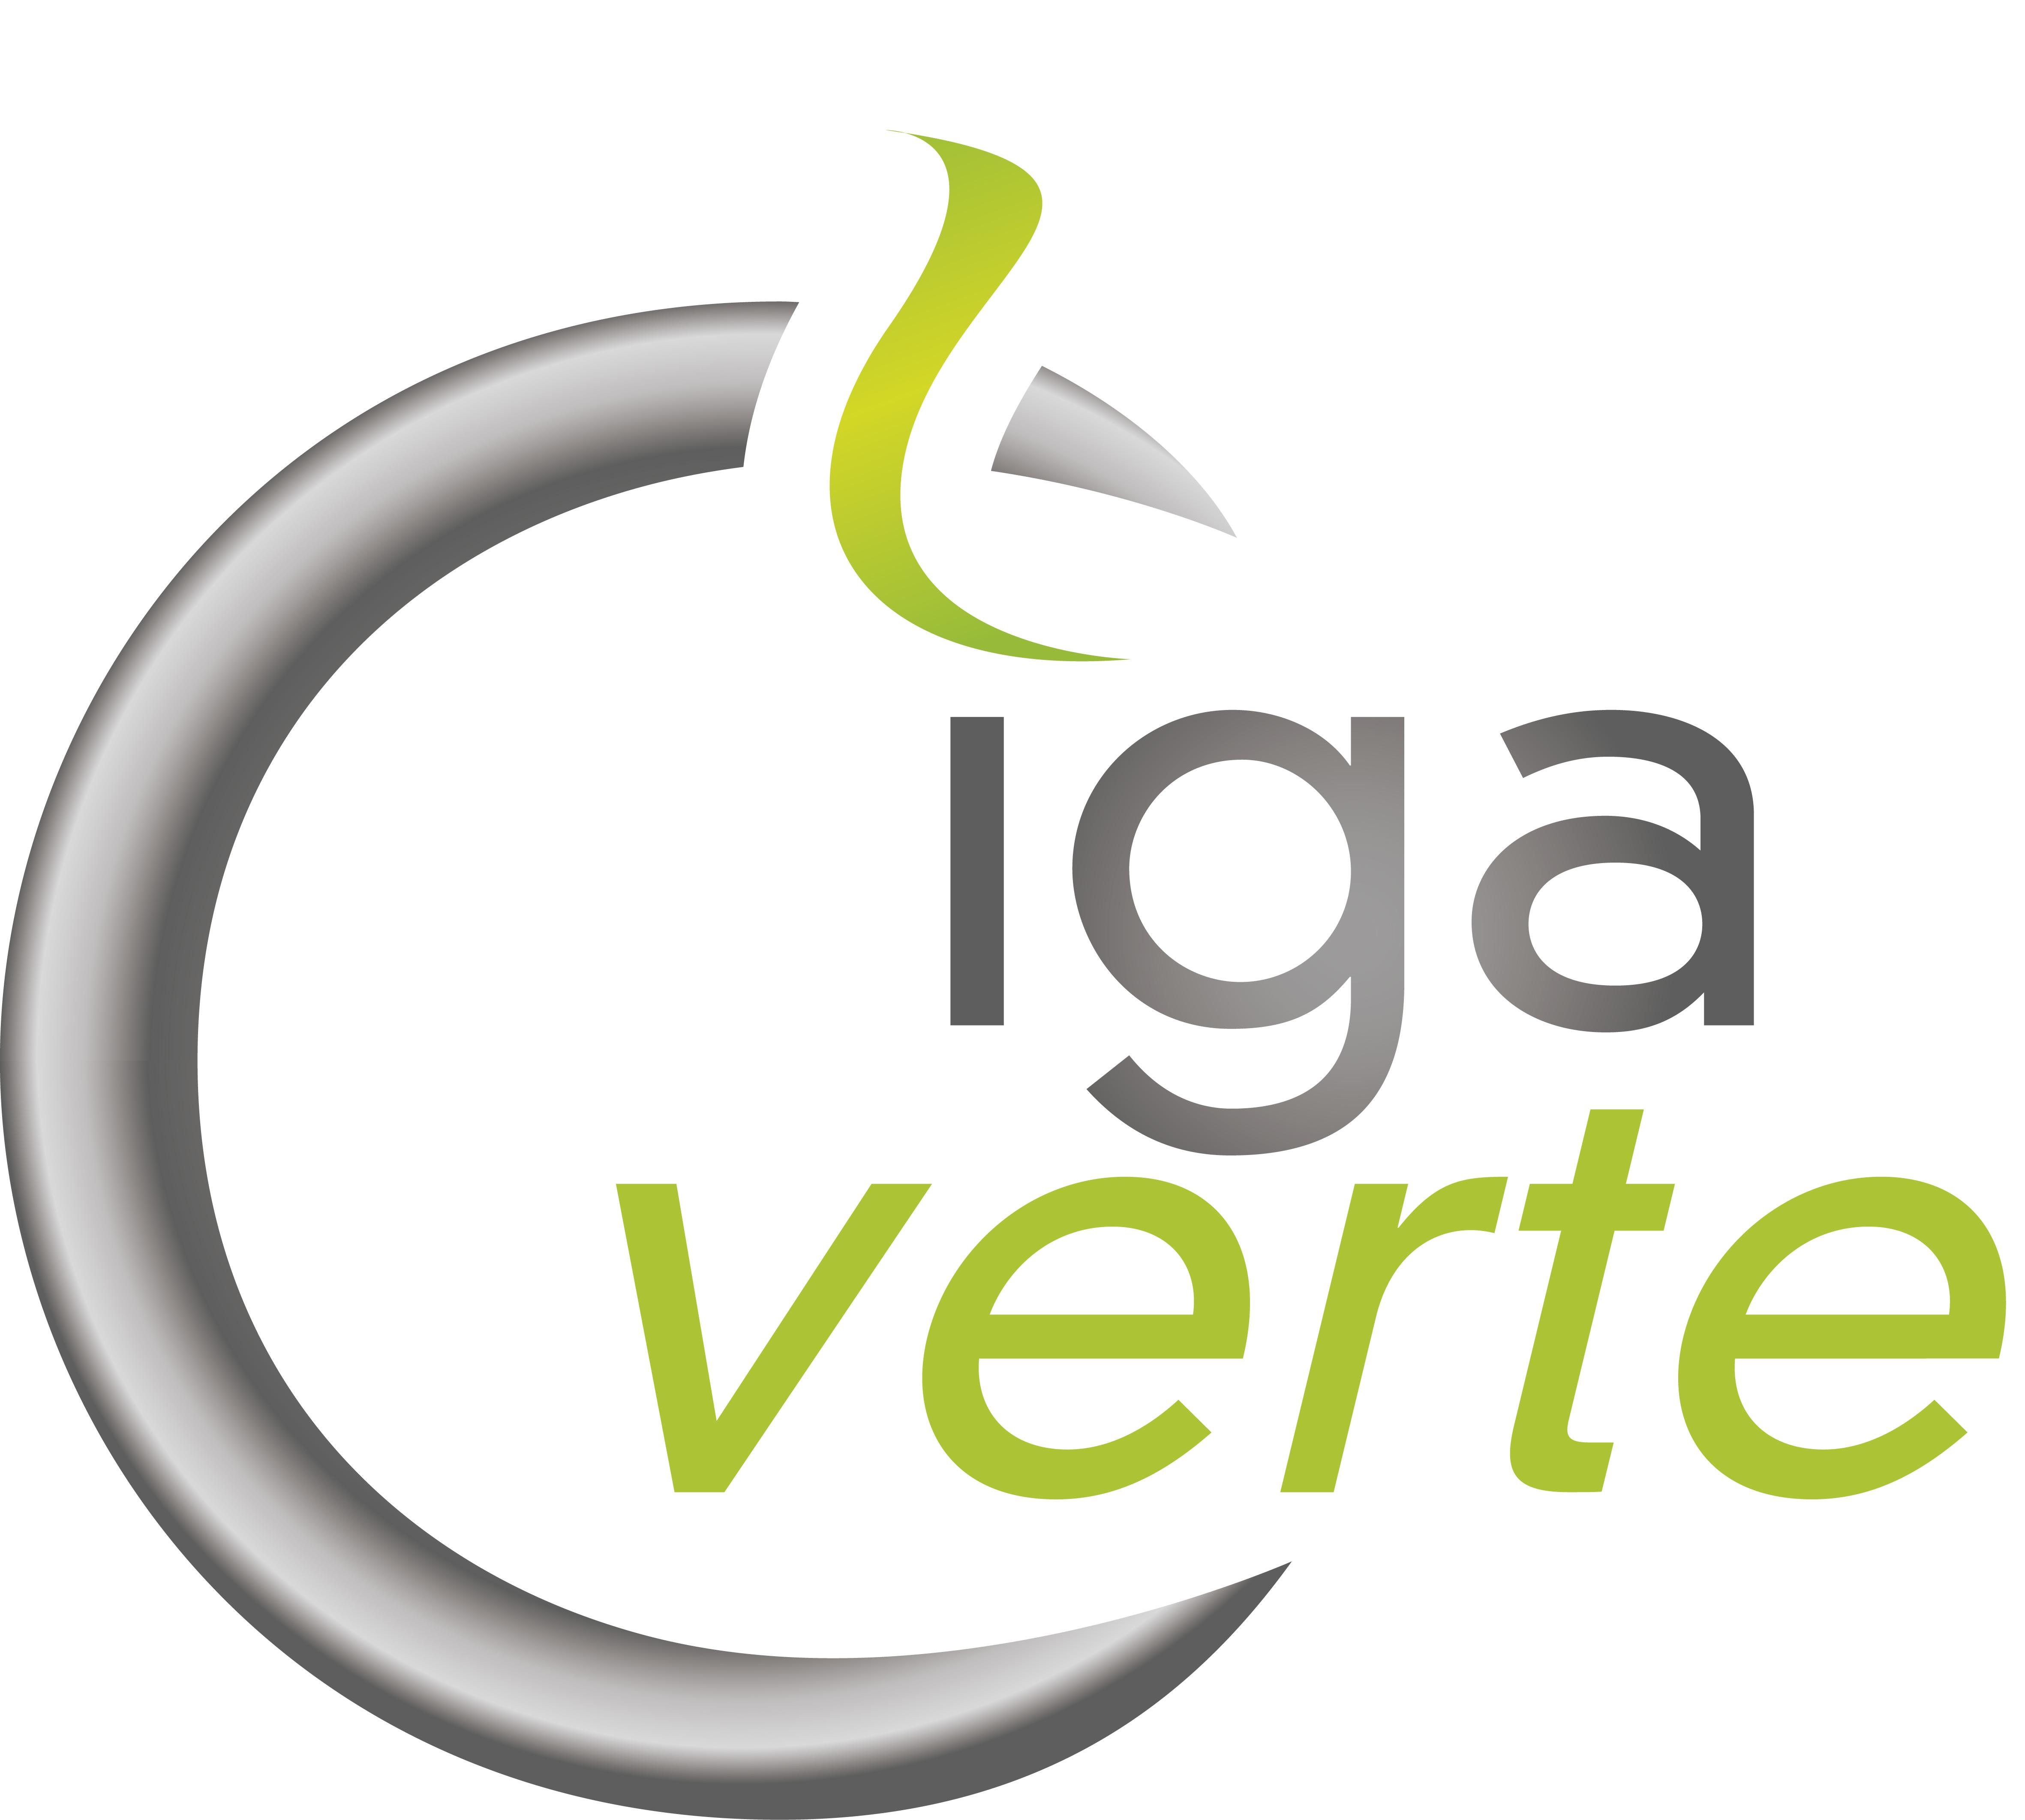 Boutique de vape spécialisée CIGAVERTE située à MONTLUÇON